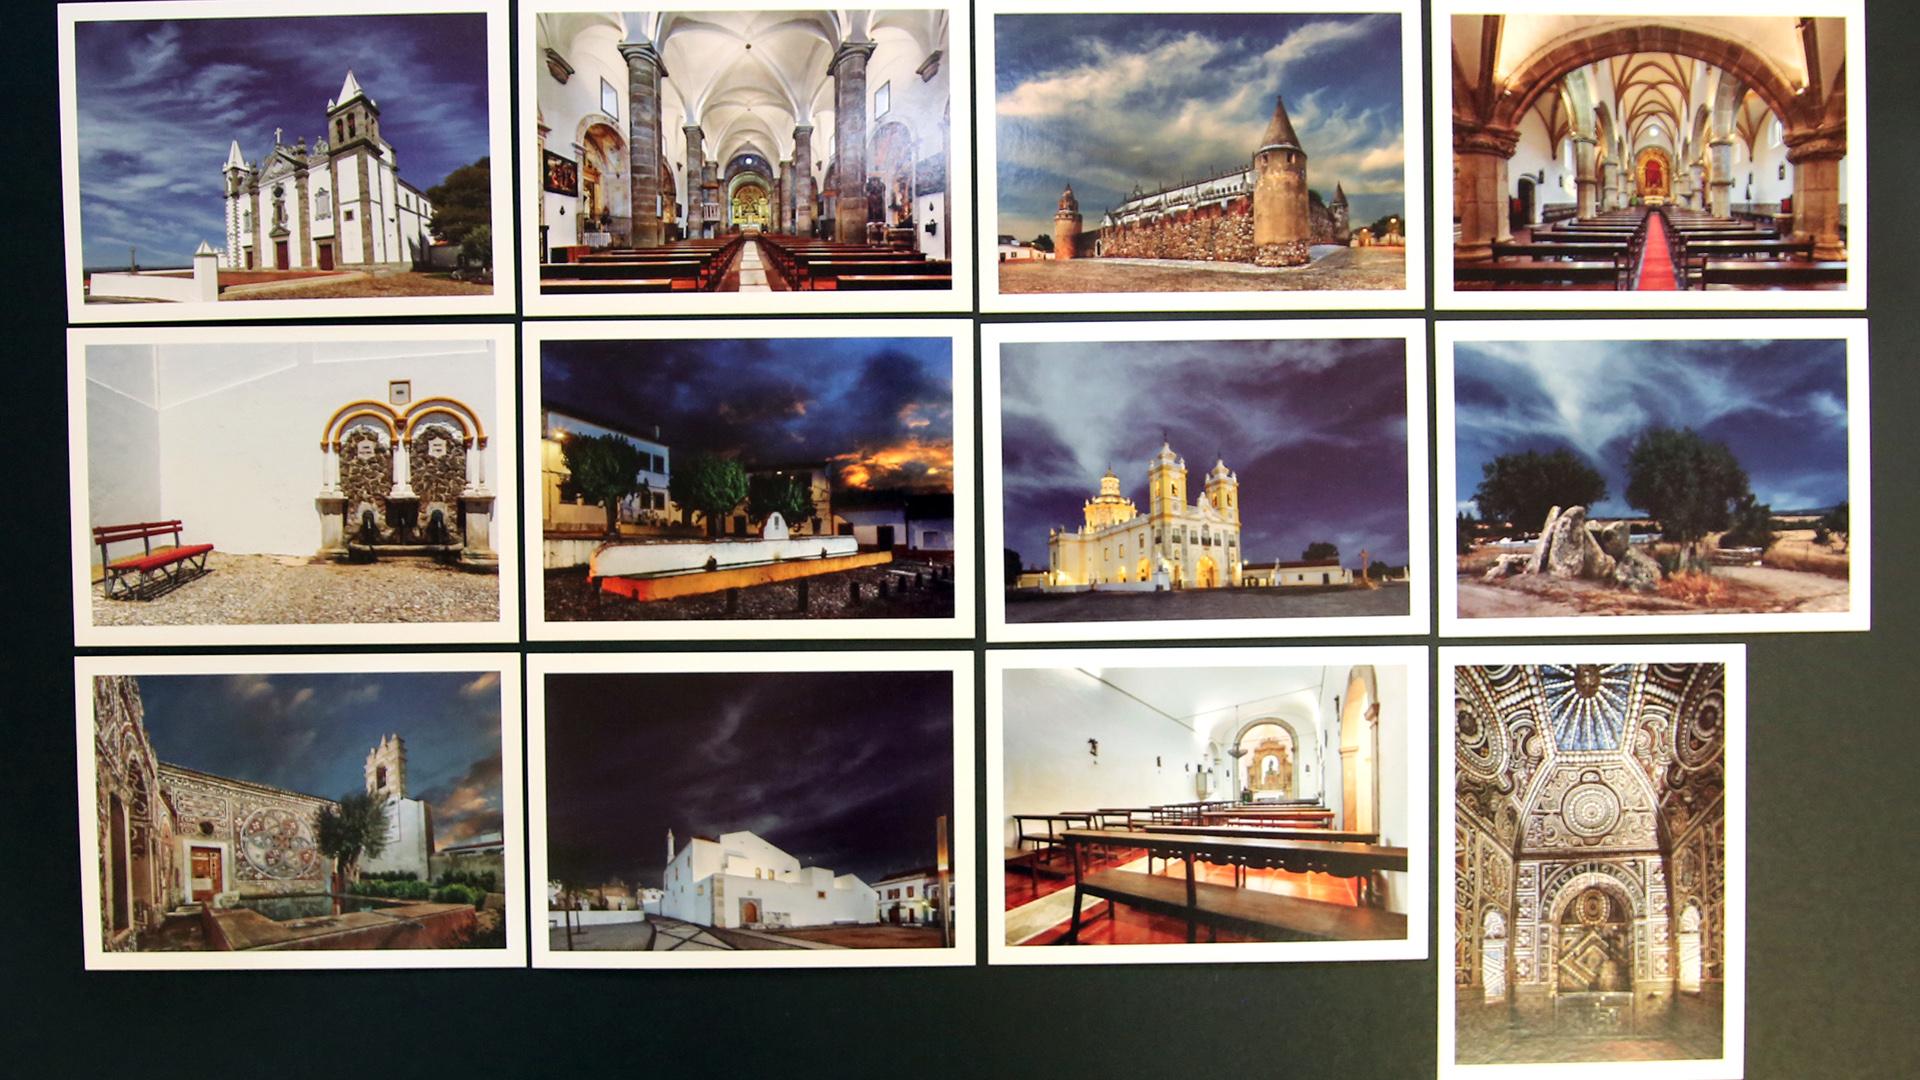 Património material do concelho de Viana em nova coleção de postais